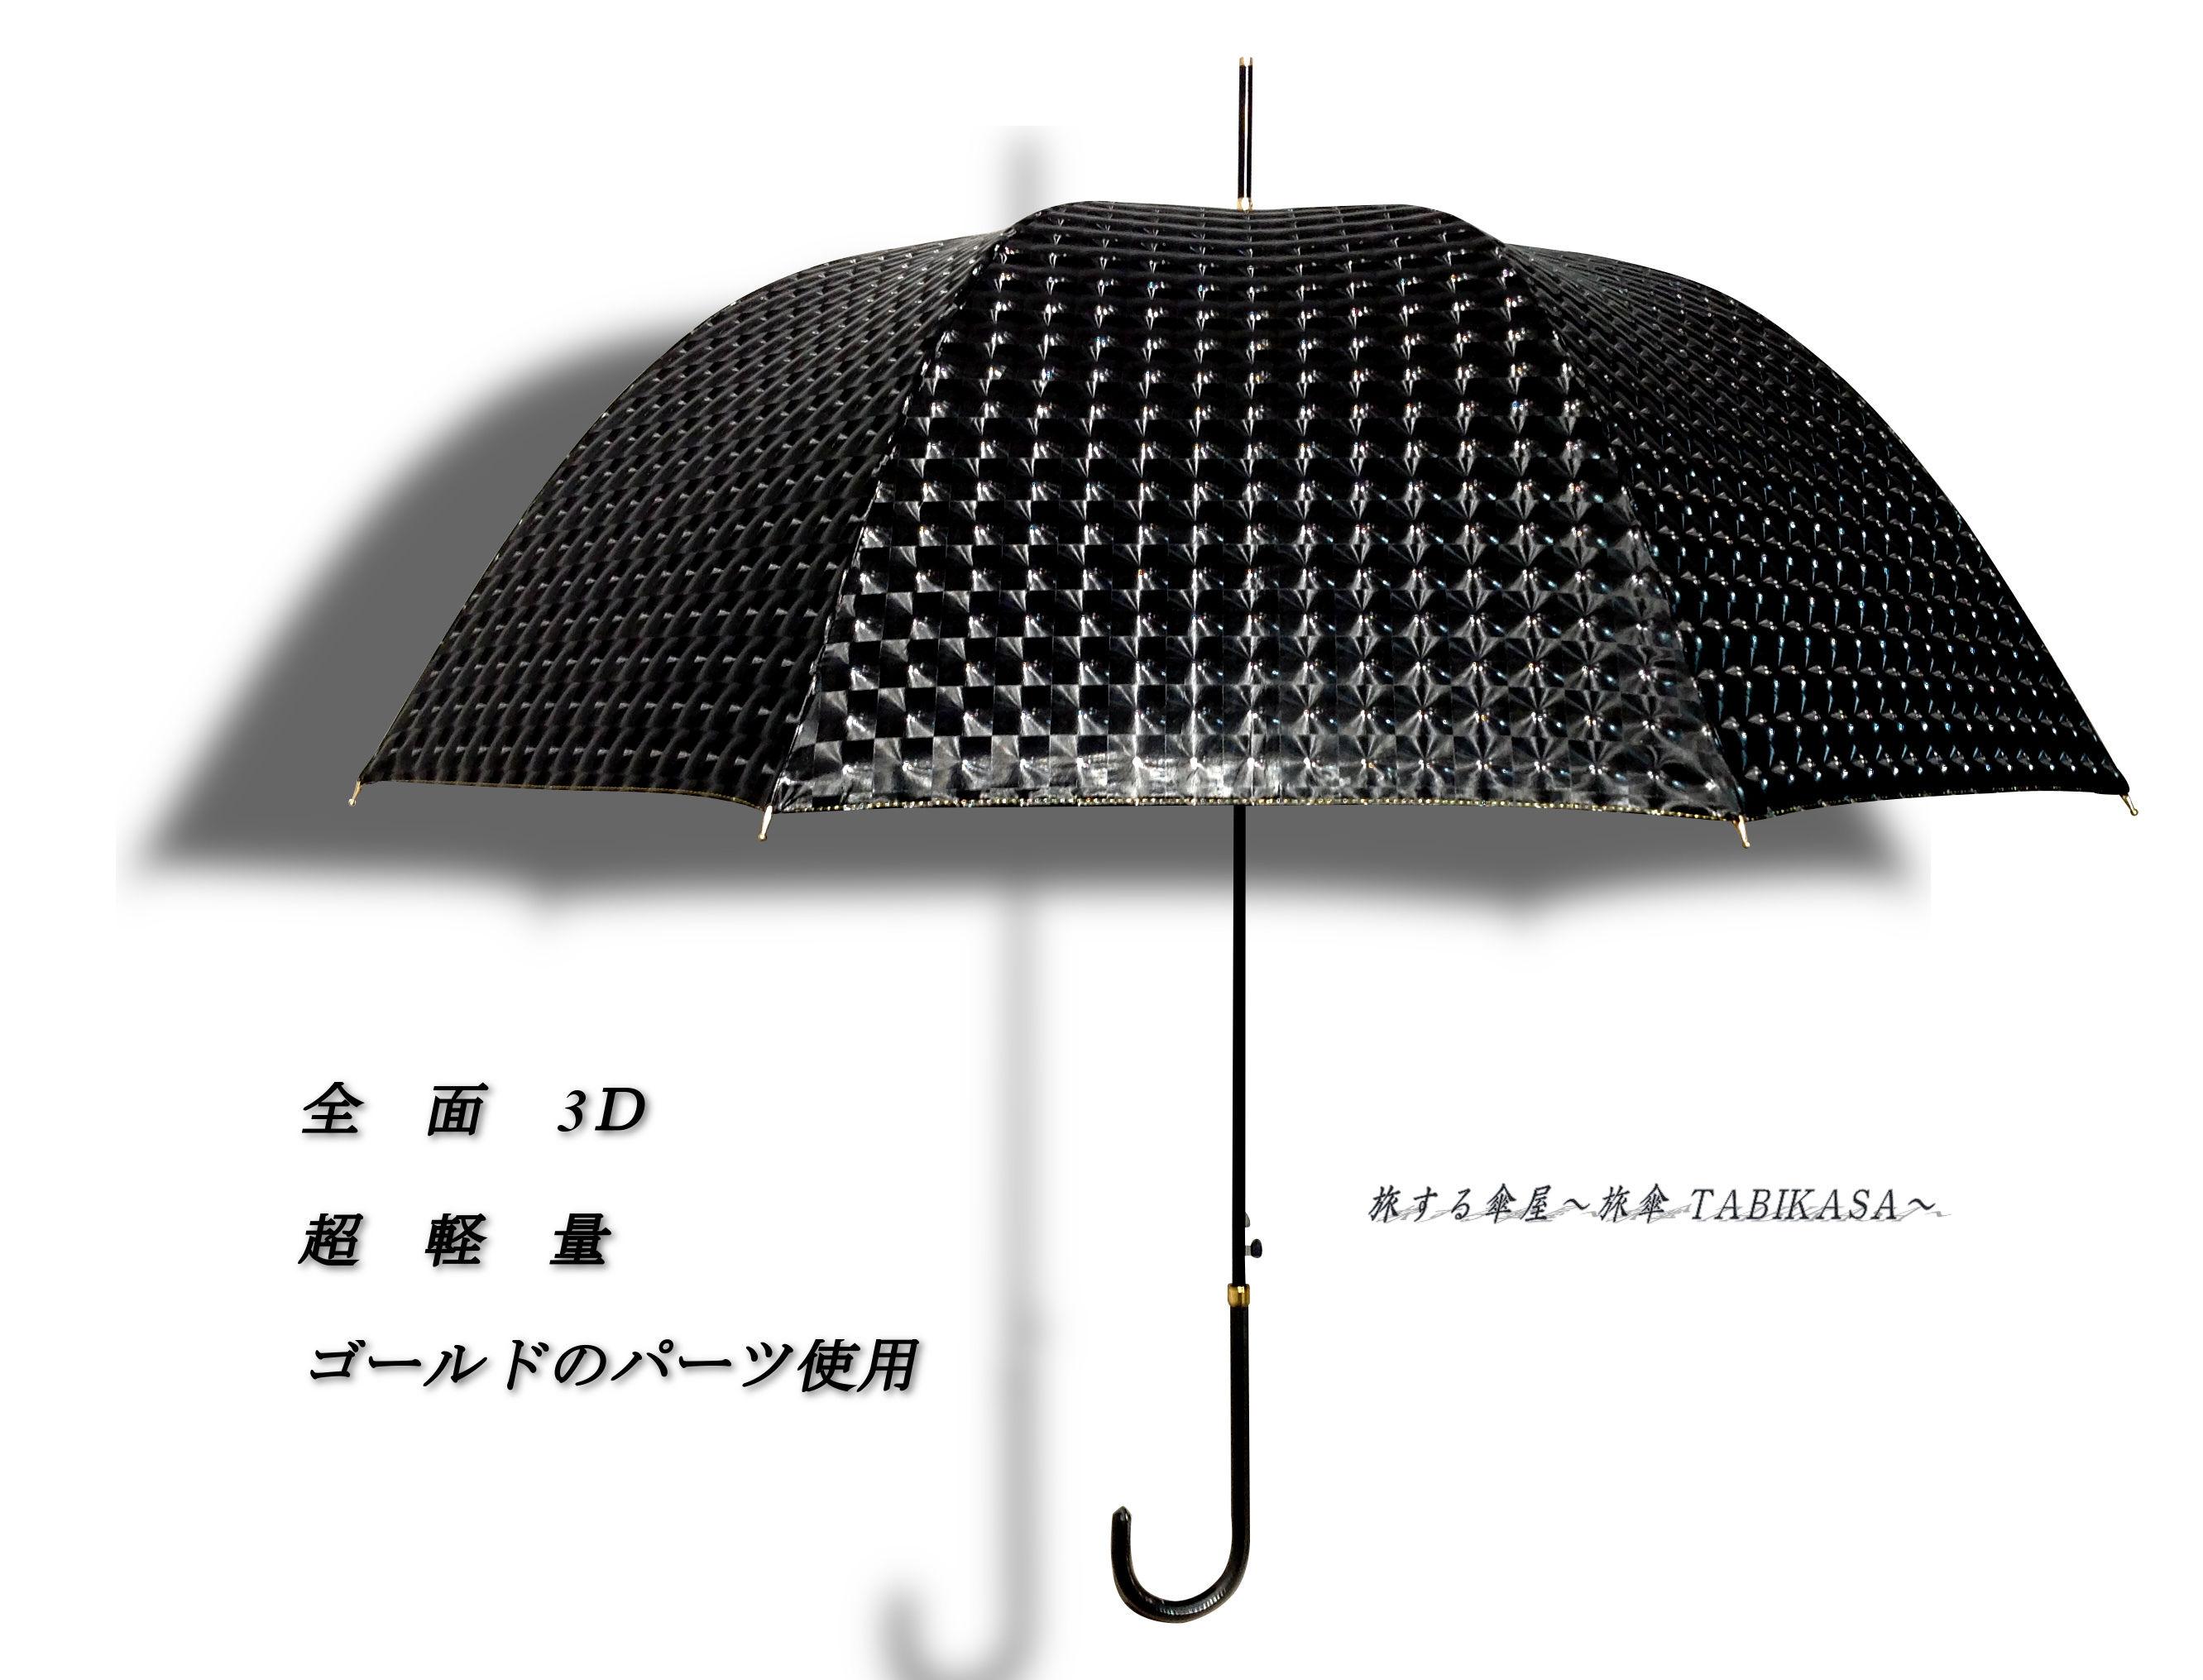 ドーム型 傘専門店  通販  東京  雨傘  ワンタッチ  ジャンプ  サビにくい  黒骨  旅傘  【超希少  3D 全面 】